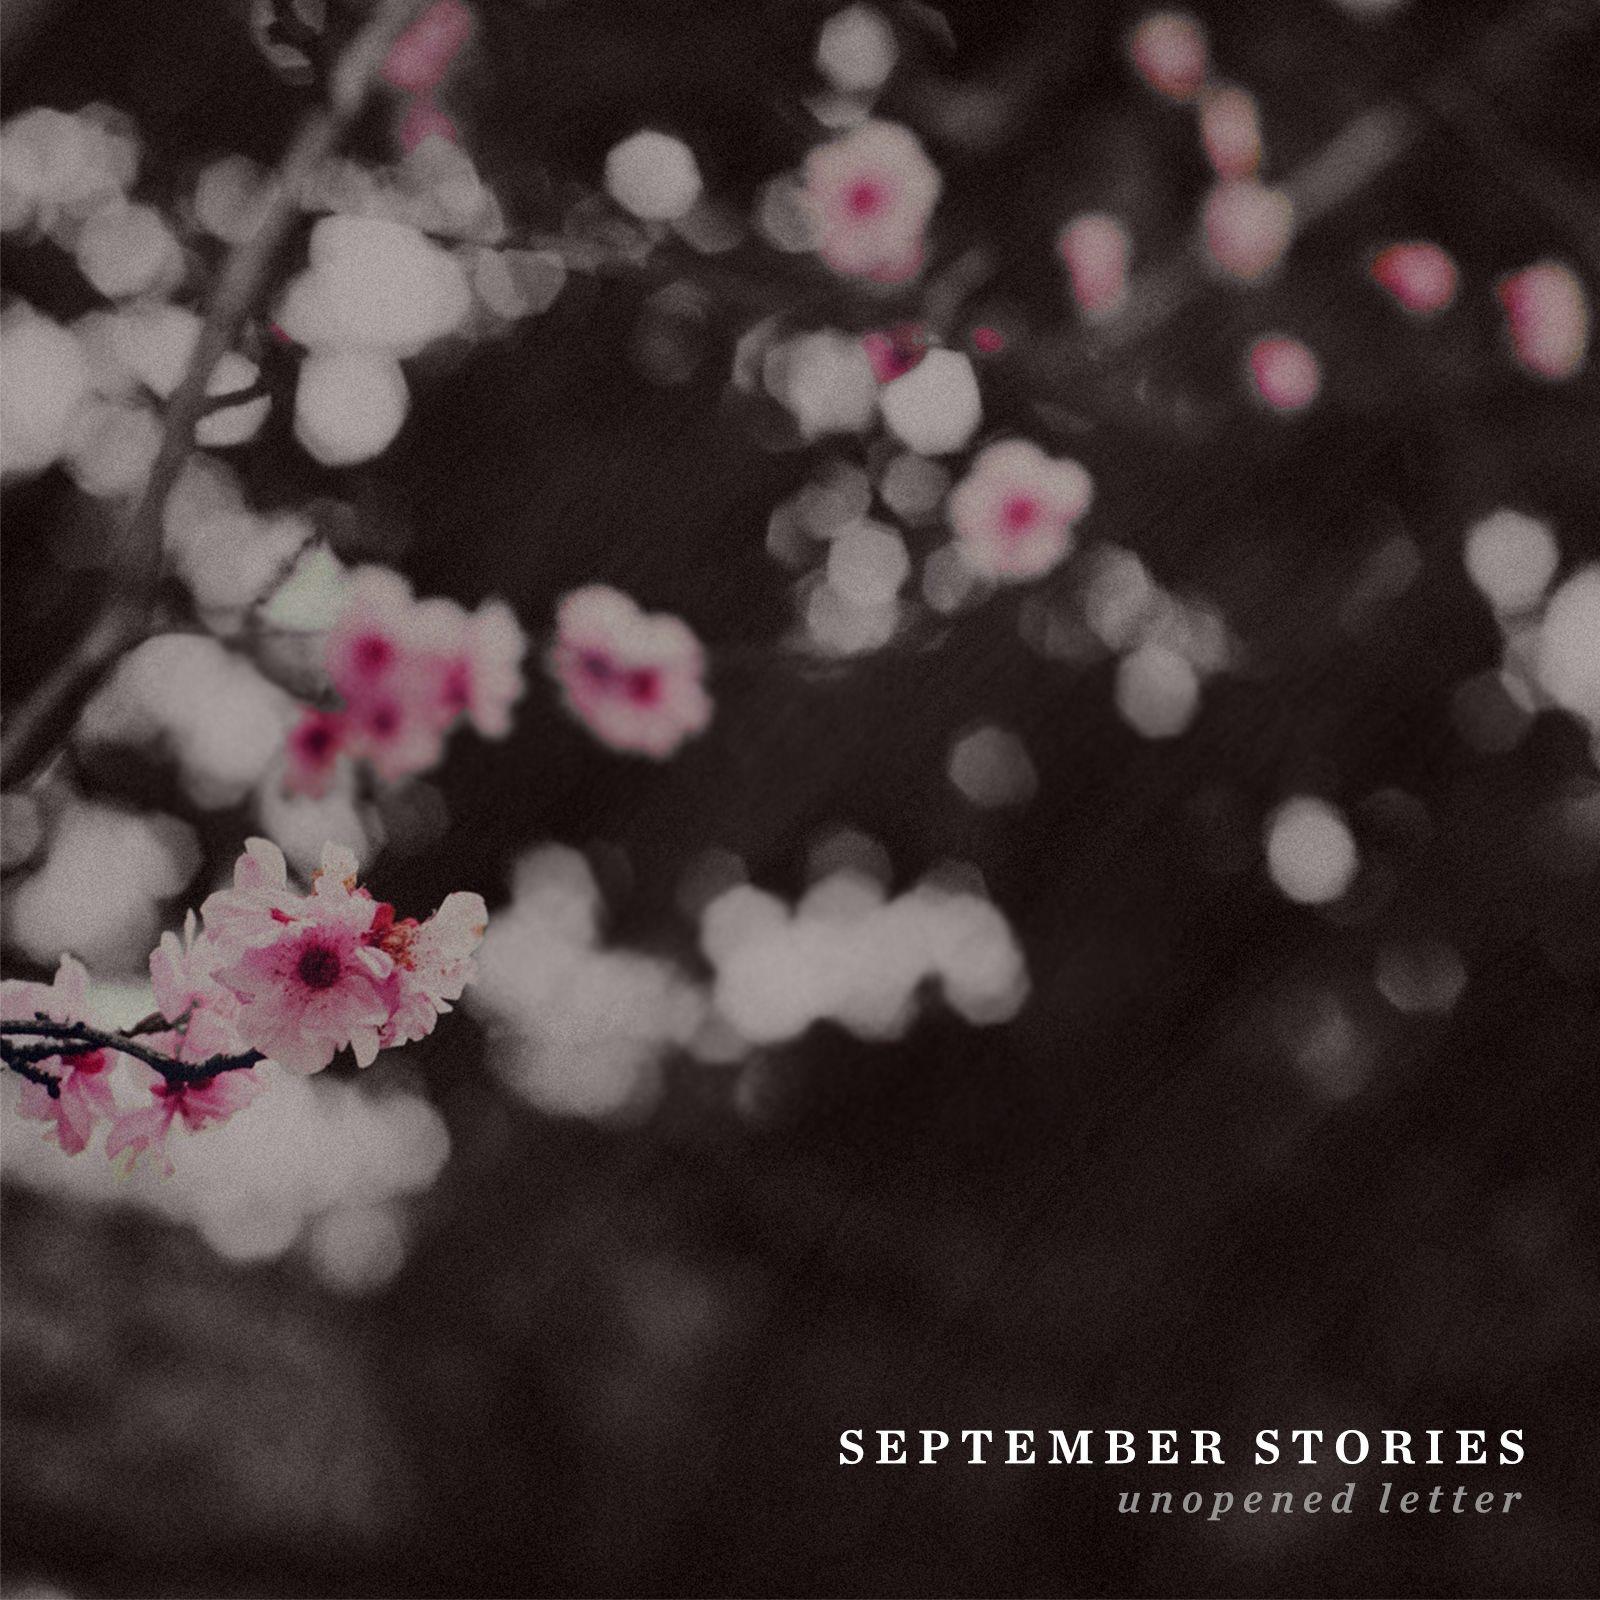 September Stories - Unopened Letter [EP] (2016)